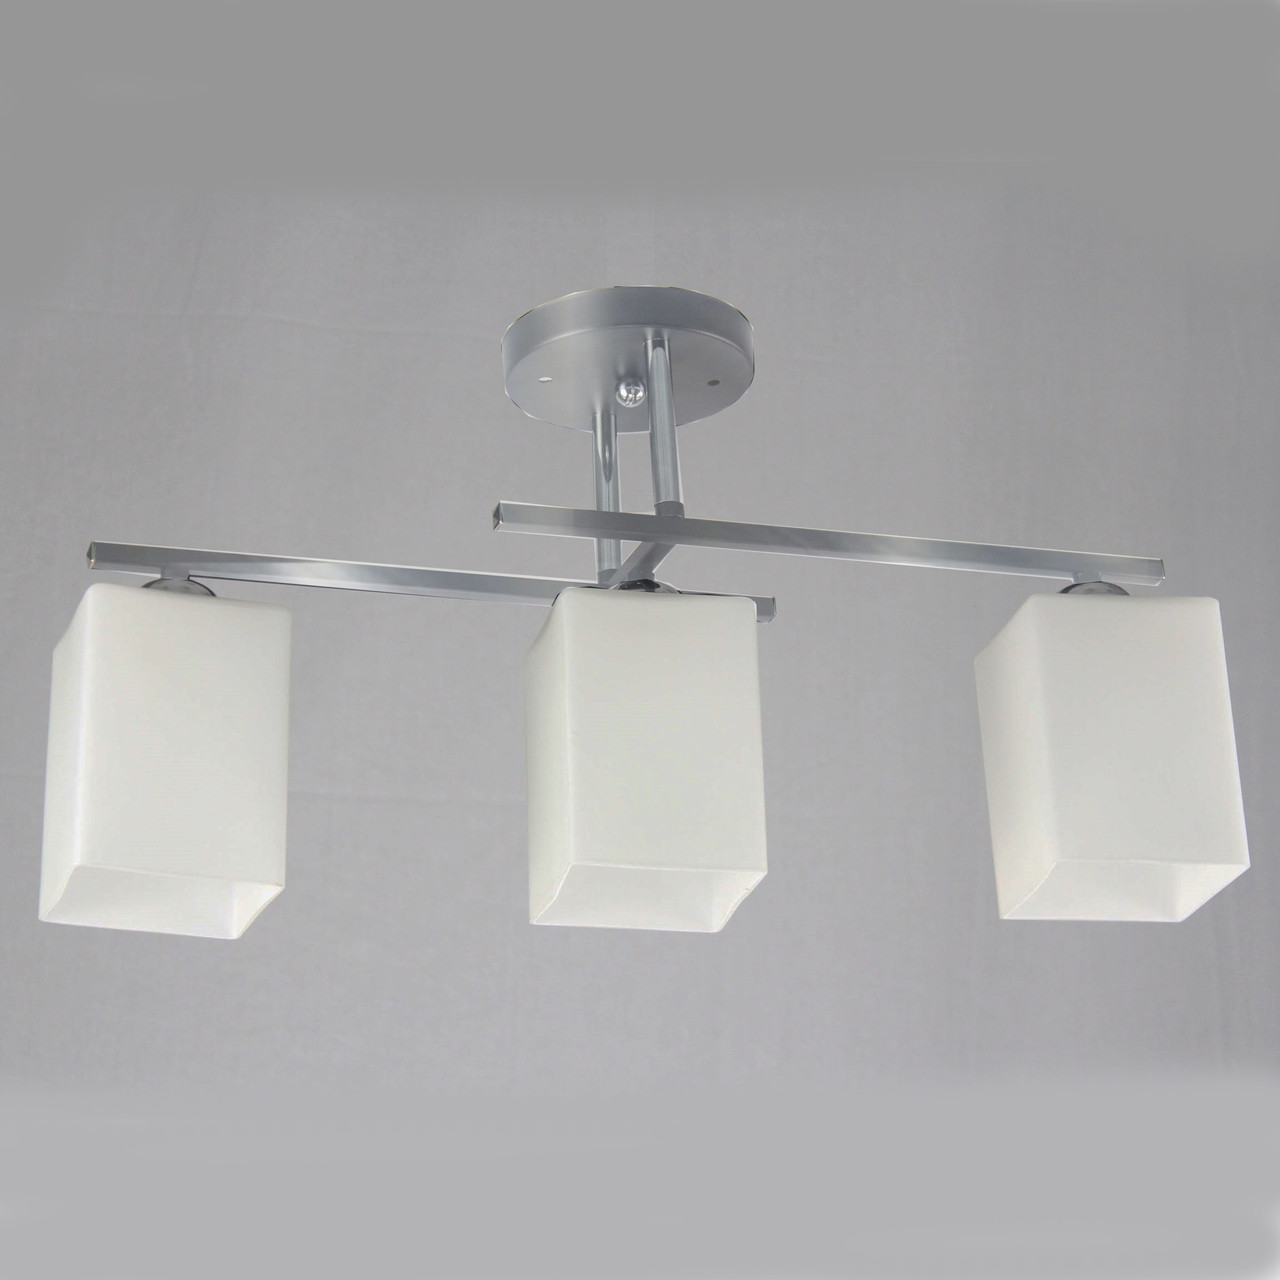 Люстра потолочная на 3 лампы 29-C466/3 CR+WT